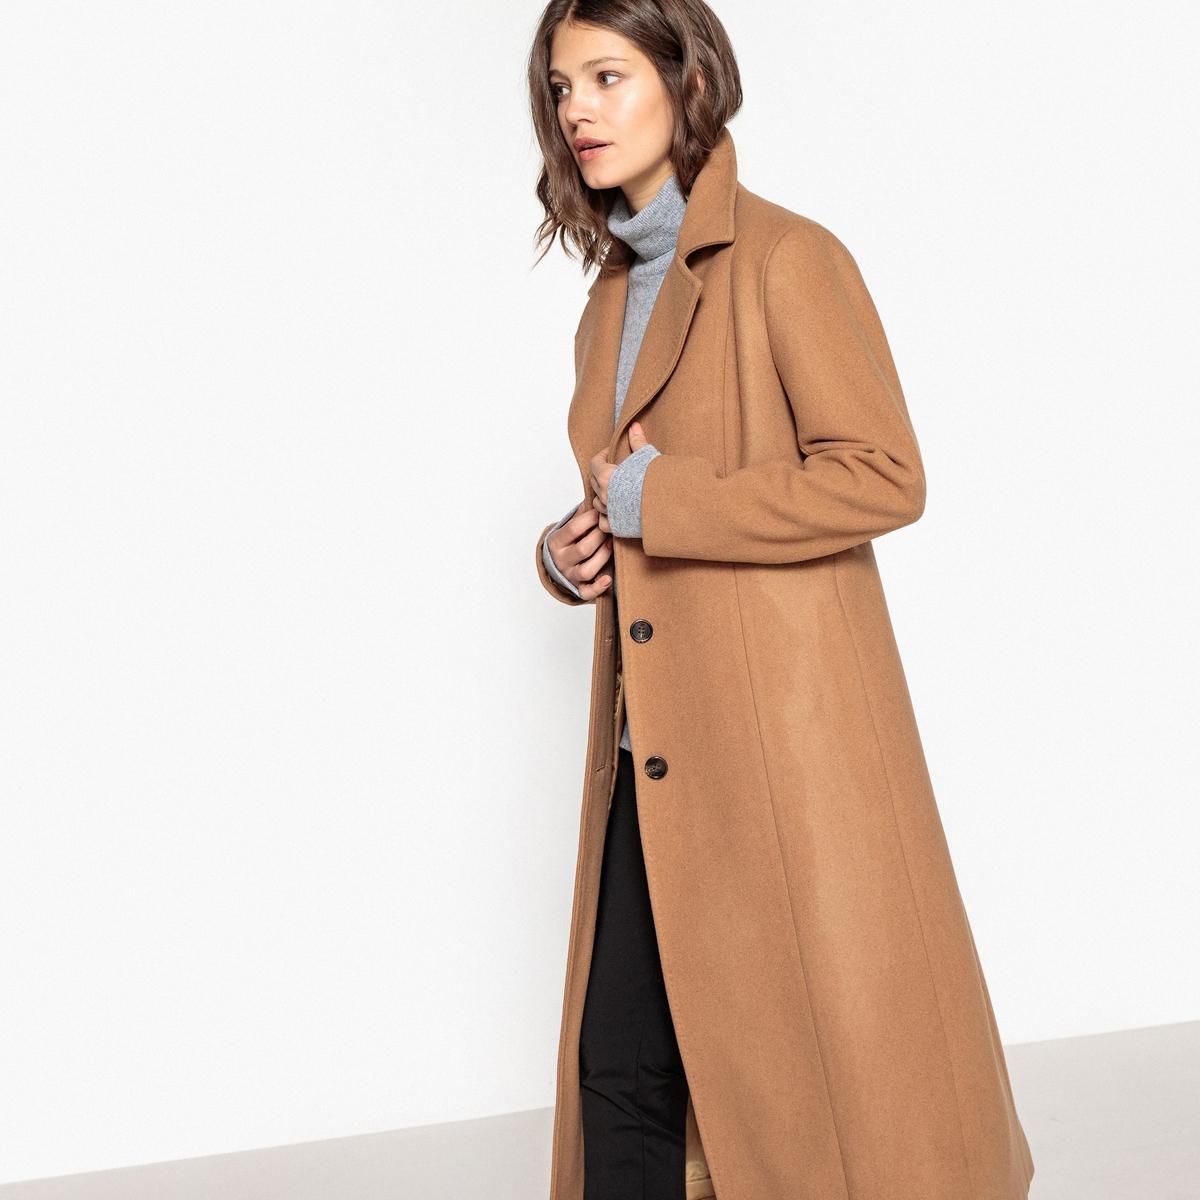 Длинное пальто из шерстяного драпаОписание:Очень элегантное длинное пальто . Это пальто из шерстяного драпа защитит вас от зимних морозов . Пальто, перед которым нельзя устоять .Детали •  Длина : удлиненная модель •  Воротник пиджачный • Застежка на пуговицыСостав и уход •  72% шерсти, 6% полиамида, 22% полиэстера  •  Подкладка : 100% полиэстер • Не стирать •  Деликатная чистка/без отбеливателей •  Не использовать барабанную сушку   •  Низкая температура глажки •  Длина : 125 см.<br><br>Цвет: темно-бежевый<br>Размер: 40 (FR) - 46 (RUS).50 (FR) - 56 (RUS)